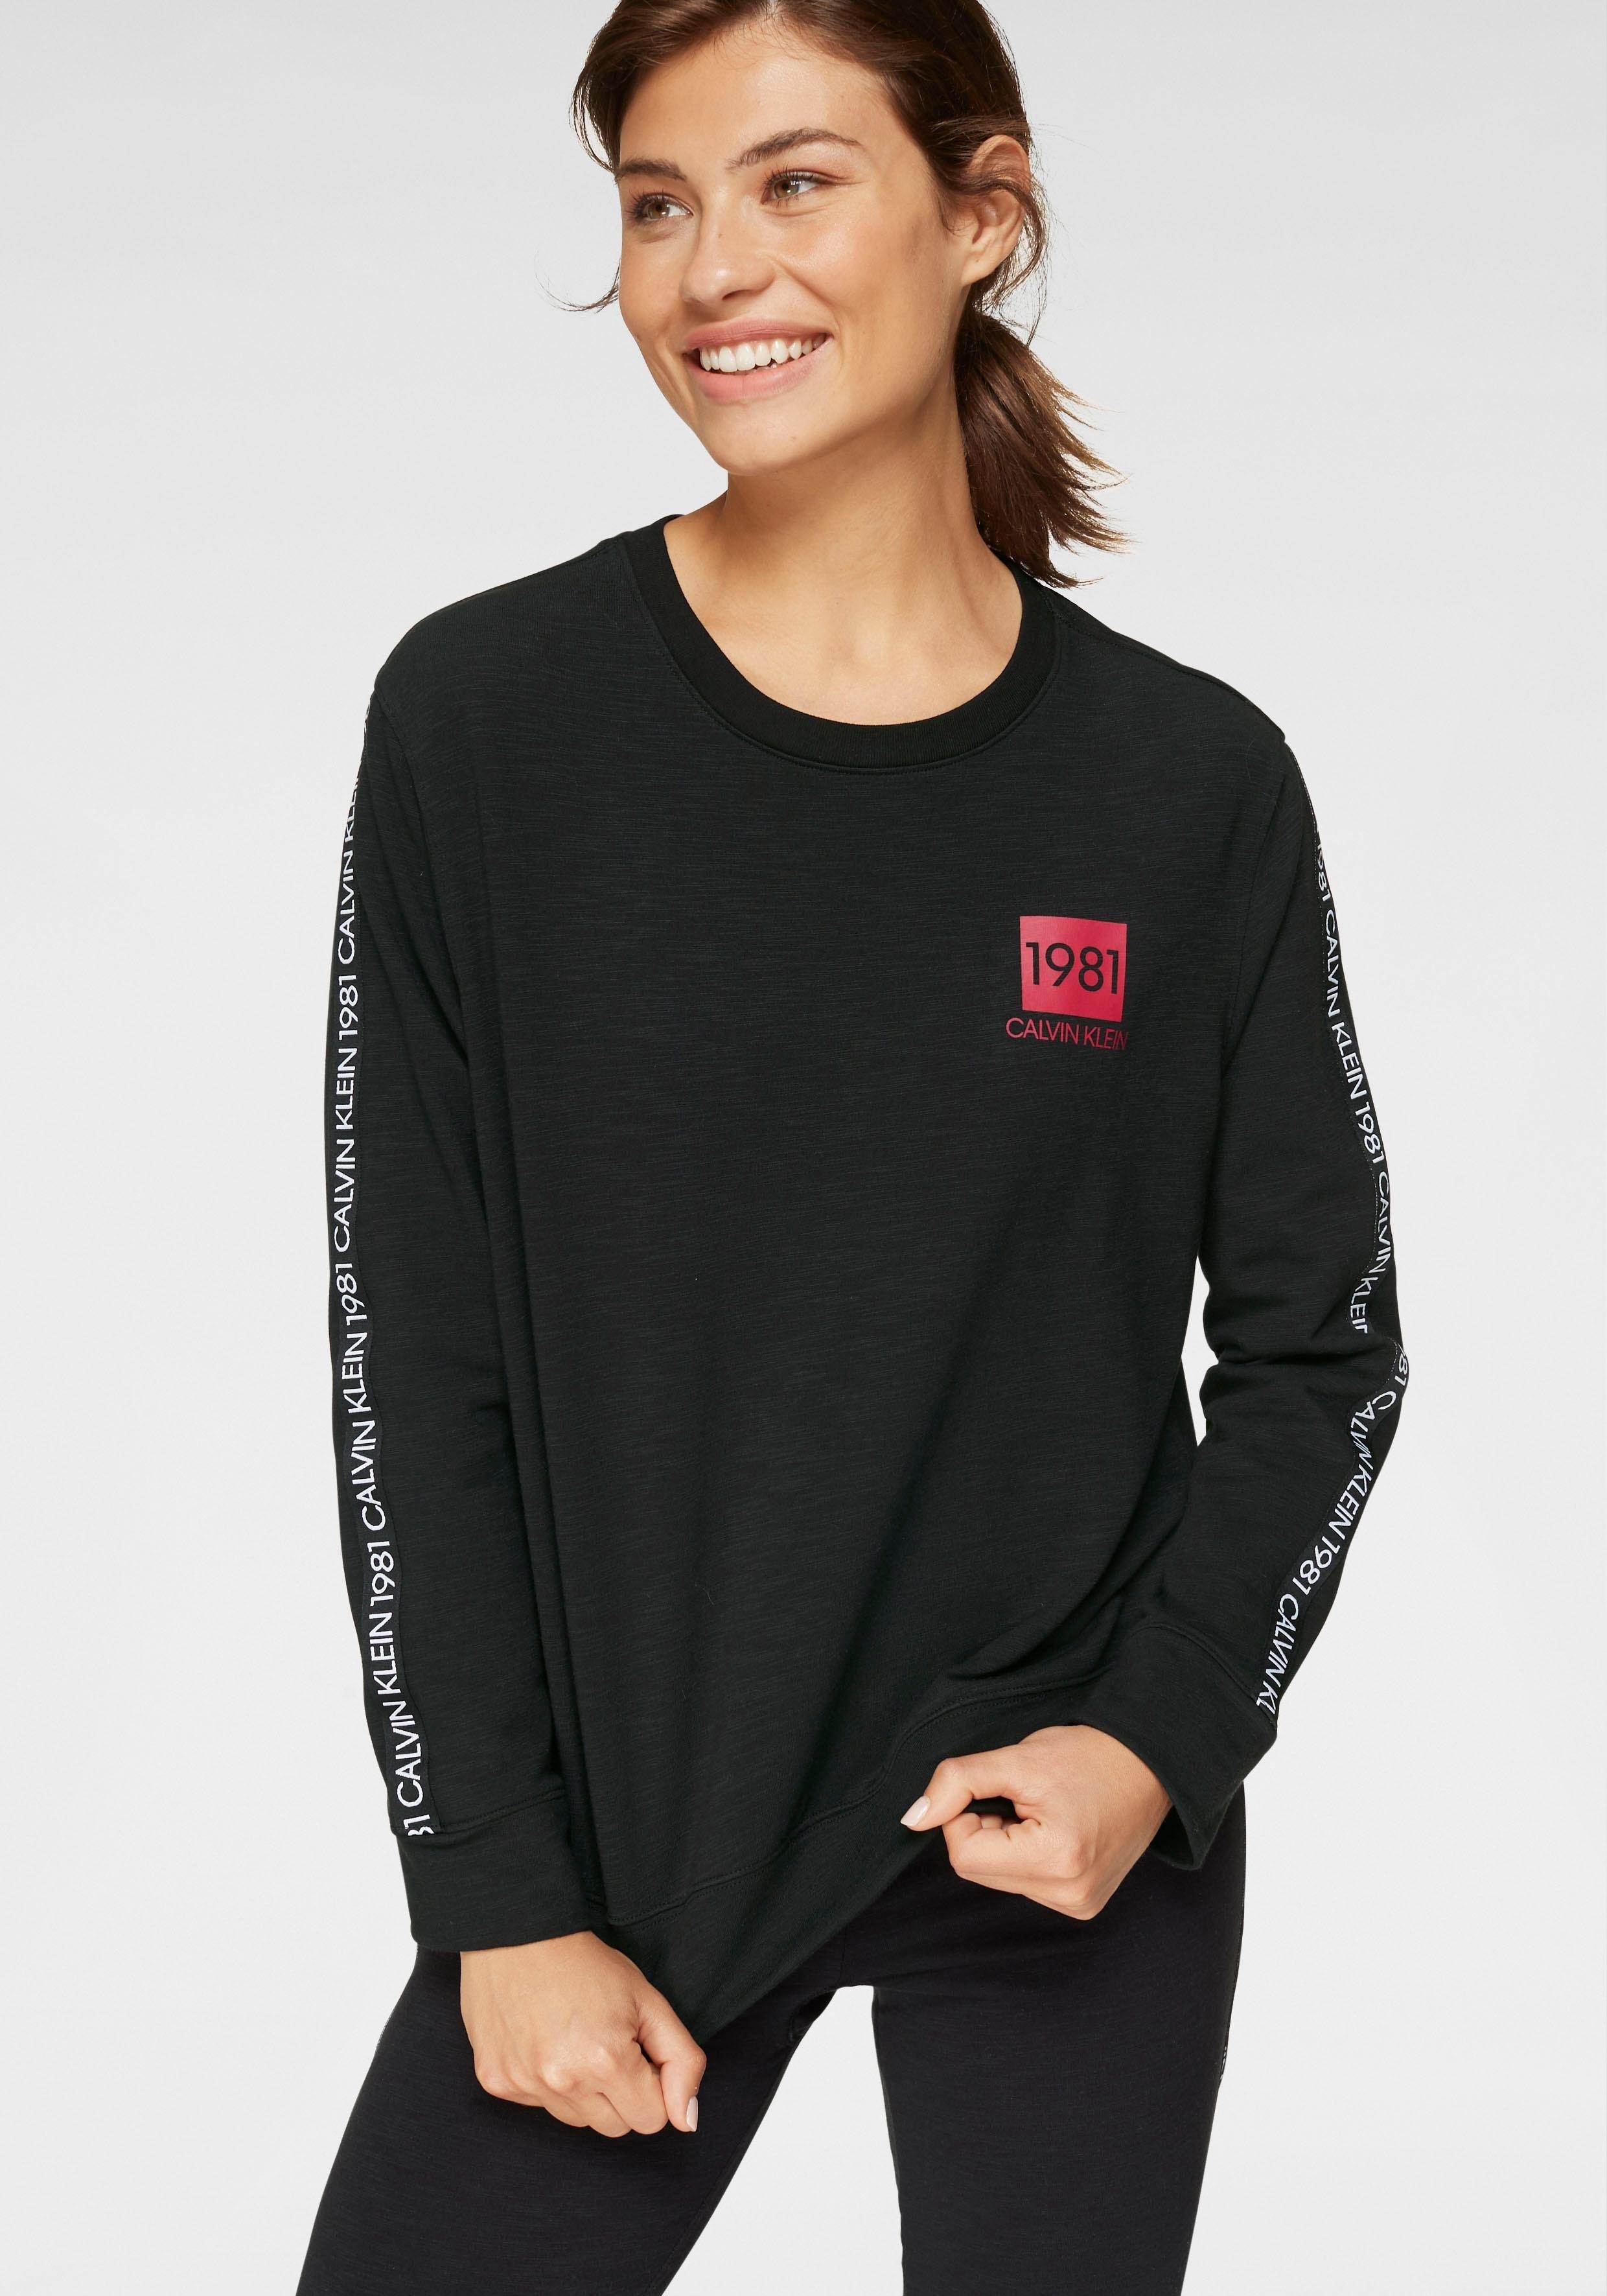 Calvin Klein sweatshirt online kopen op lascana.nl